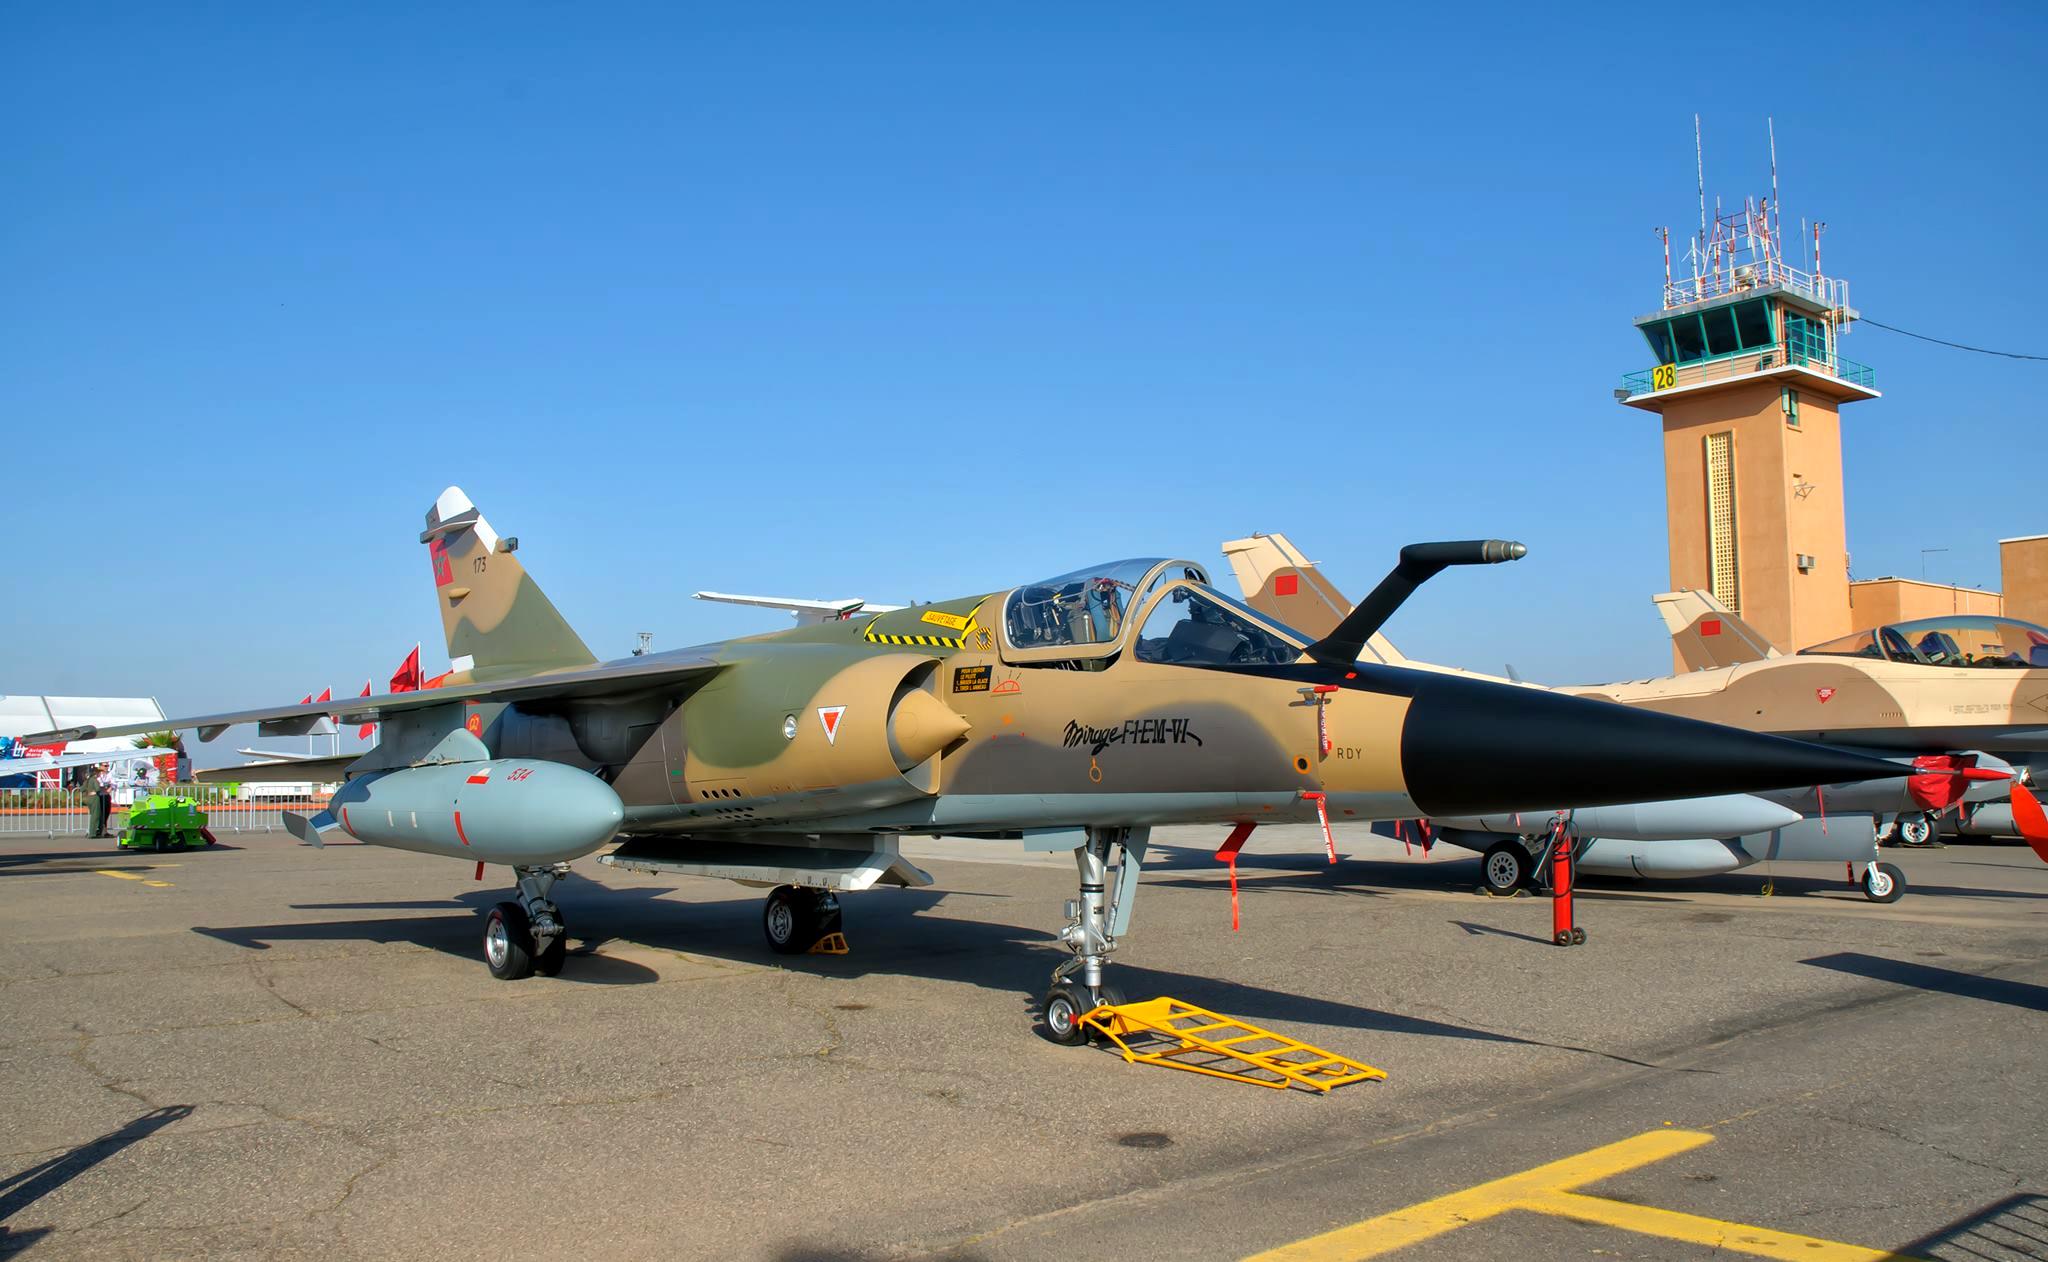 القوات الجوية الملكية المغربية - متجدد - - صفحة 2 160201055956990240